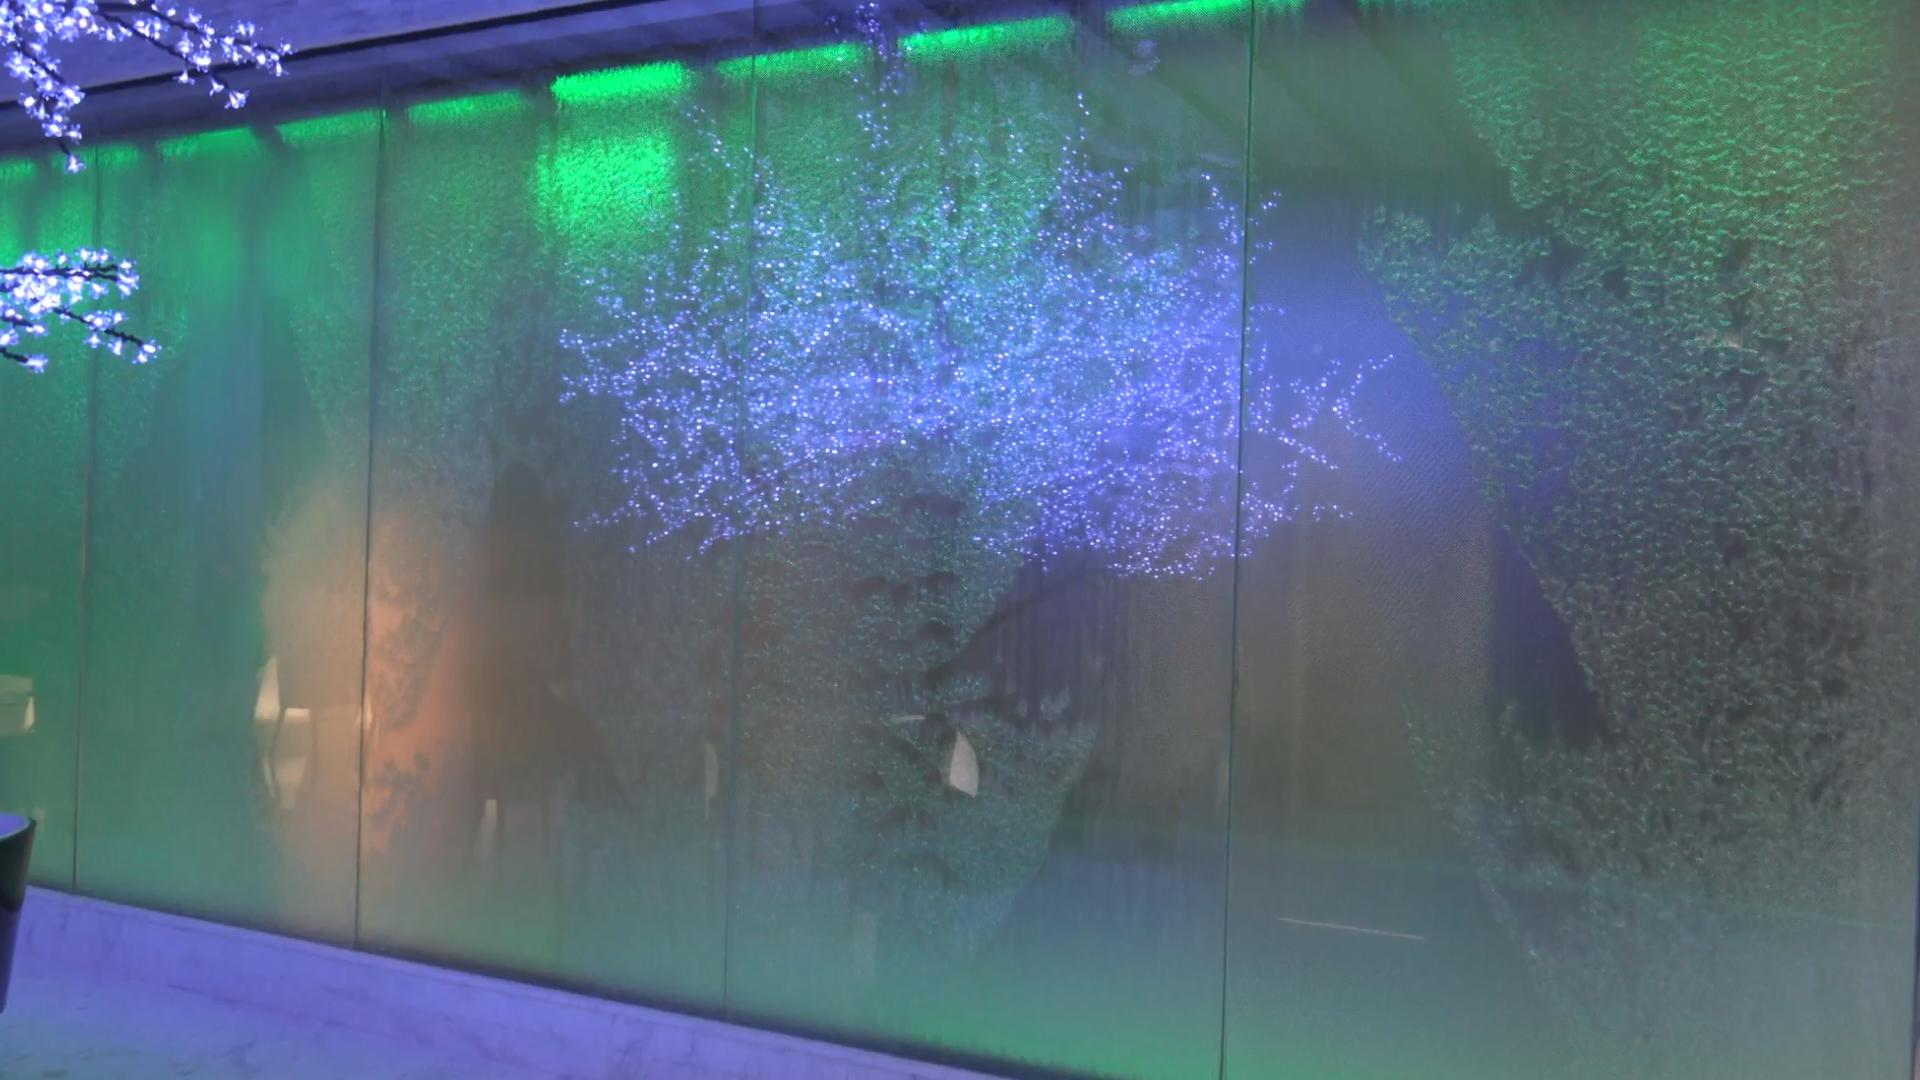 Digital Water Mural at Hotel Francisco I